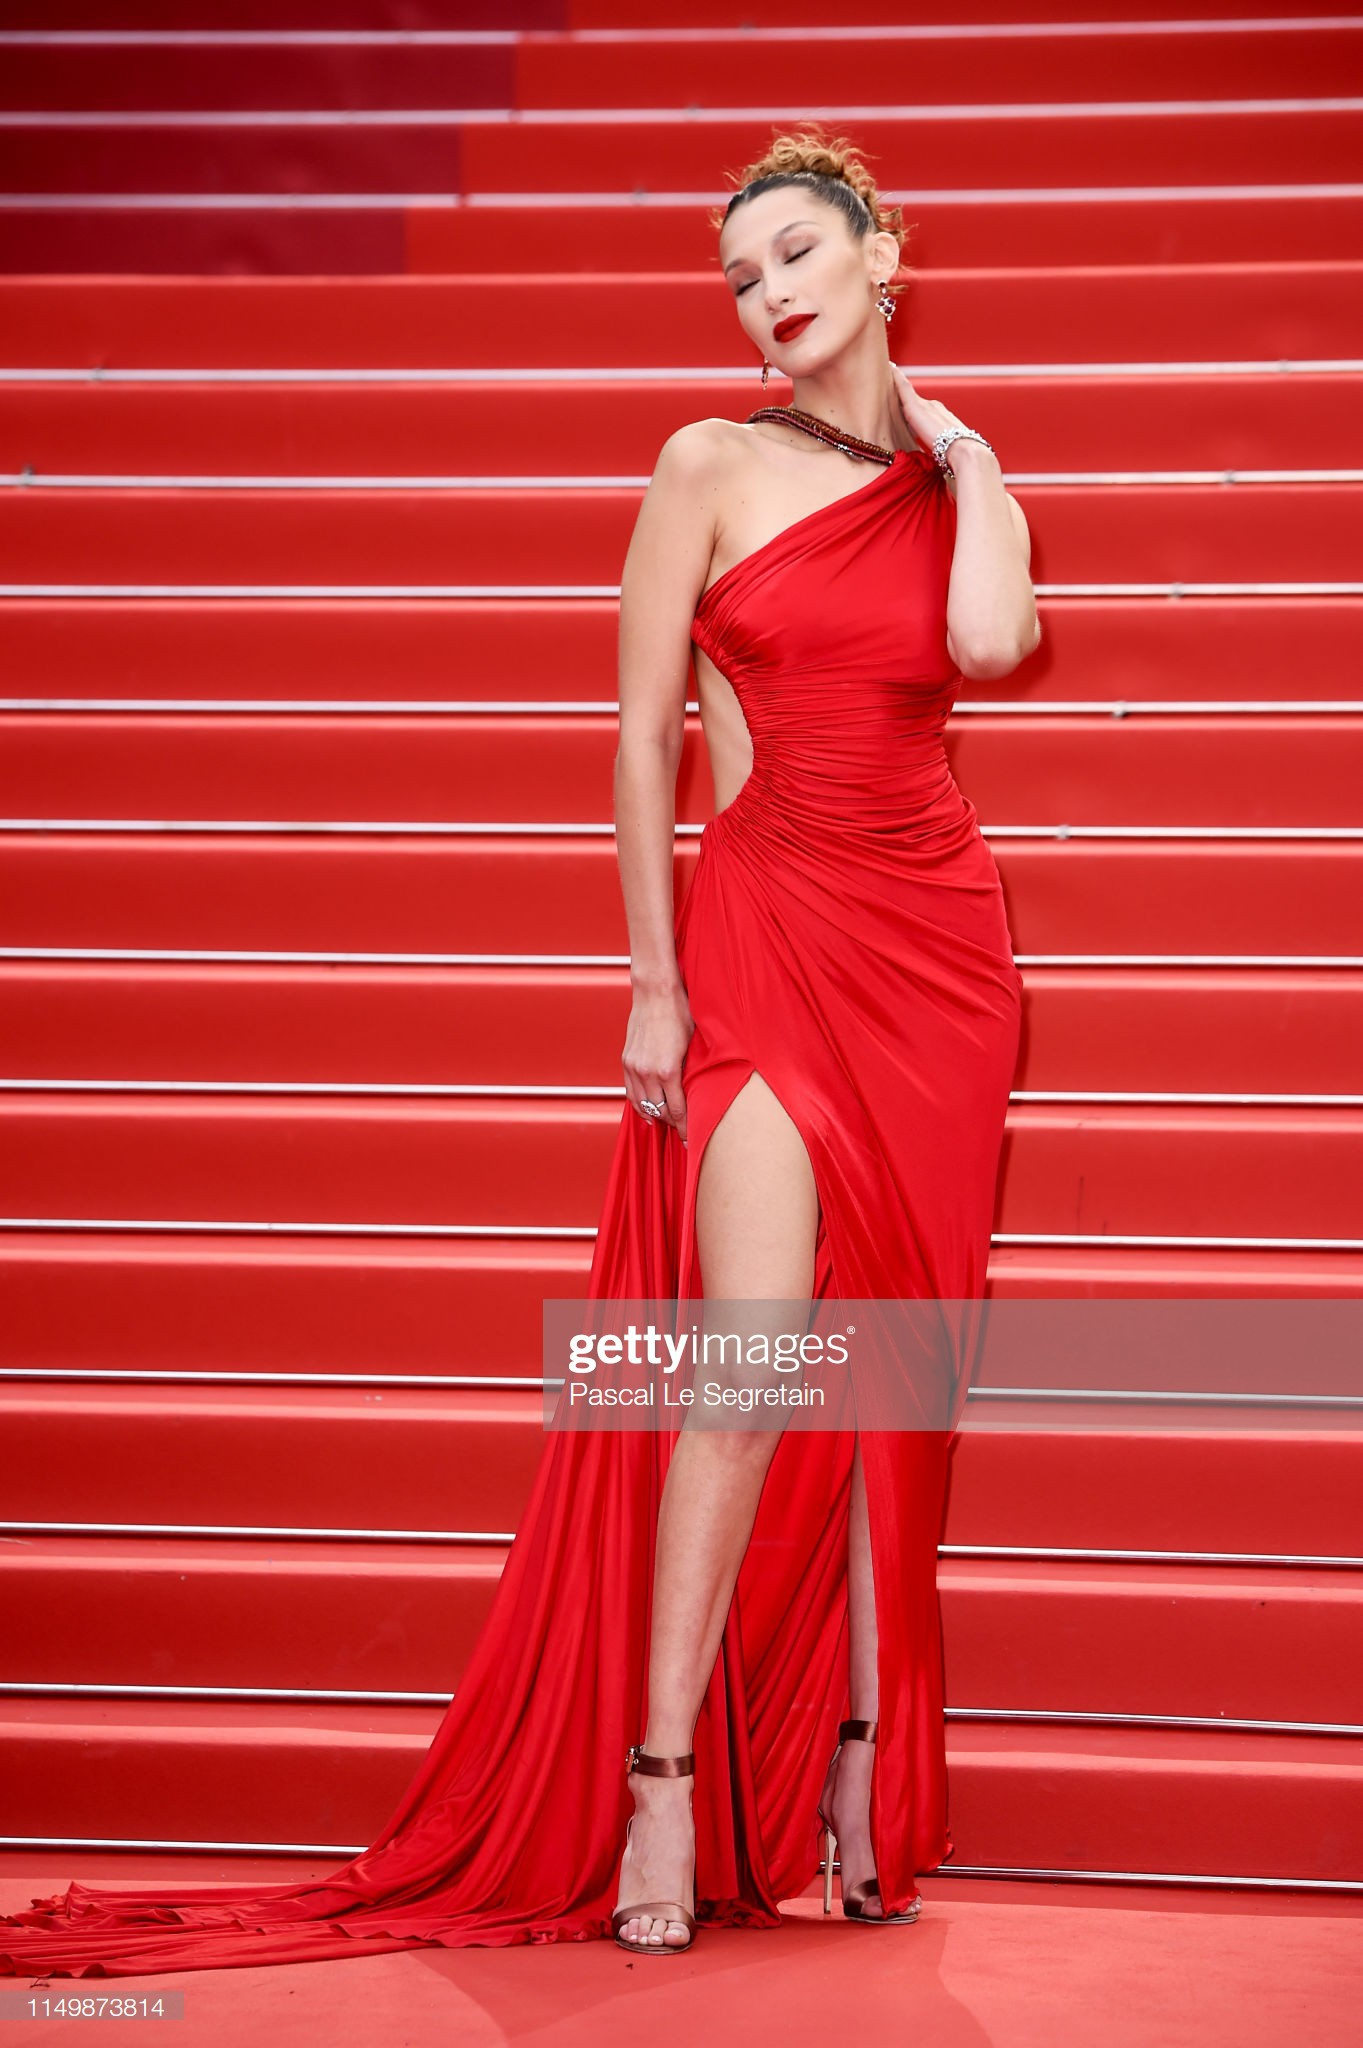 3 cấp độ quyền lực thảm đỏ ở Cannes: Phạm Băng Băng mới chỉ hạng VIP, còn Ngọc Trinh hạng chíp chíp? - Ảnh 13.